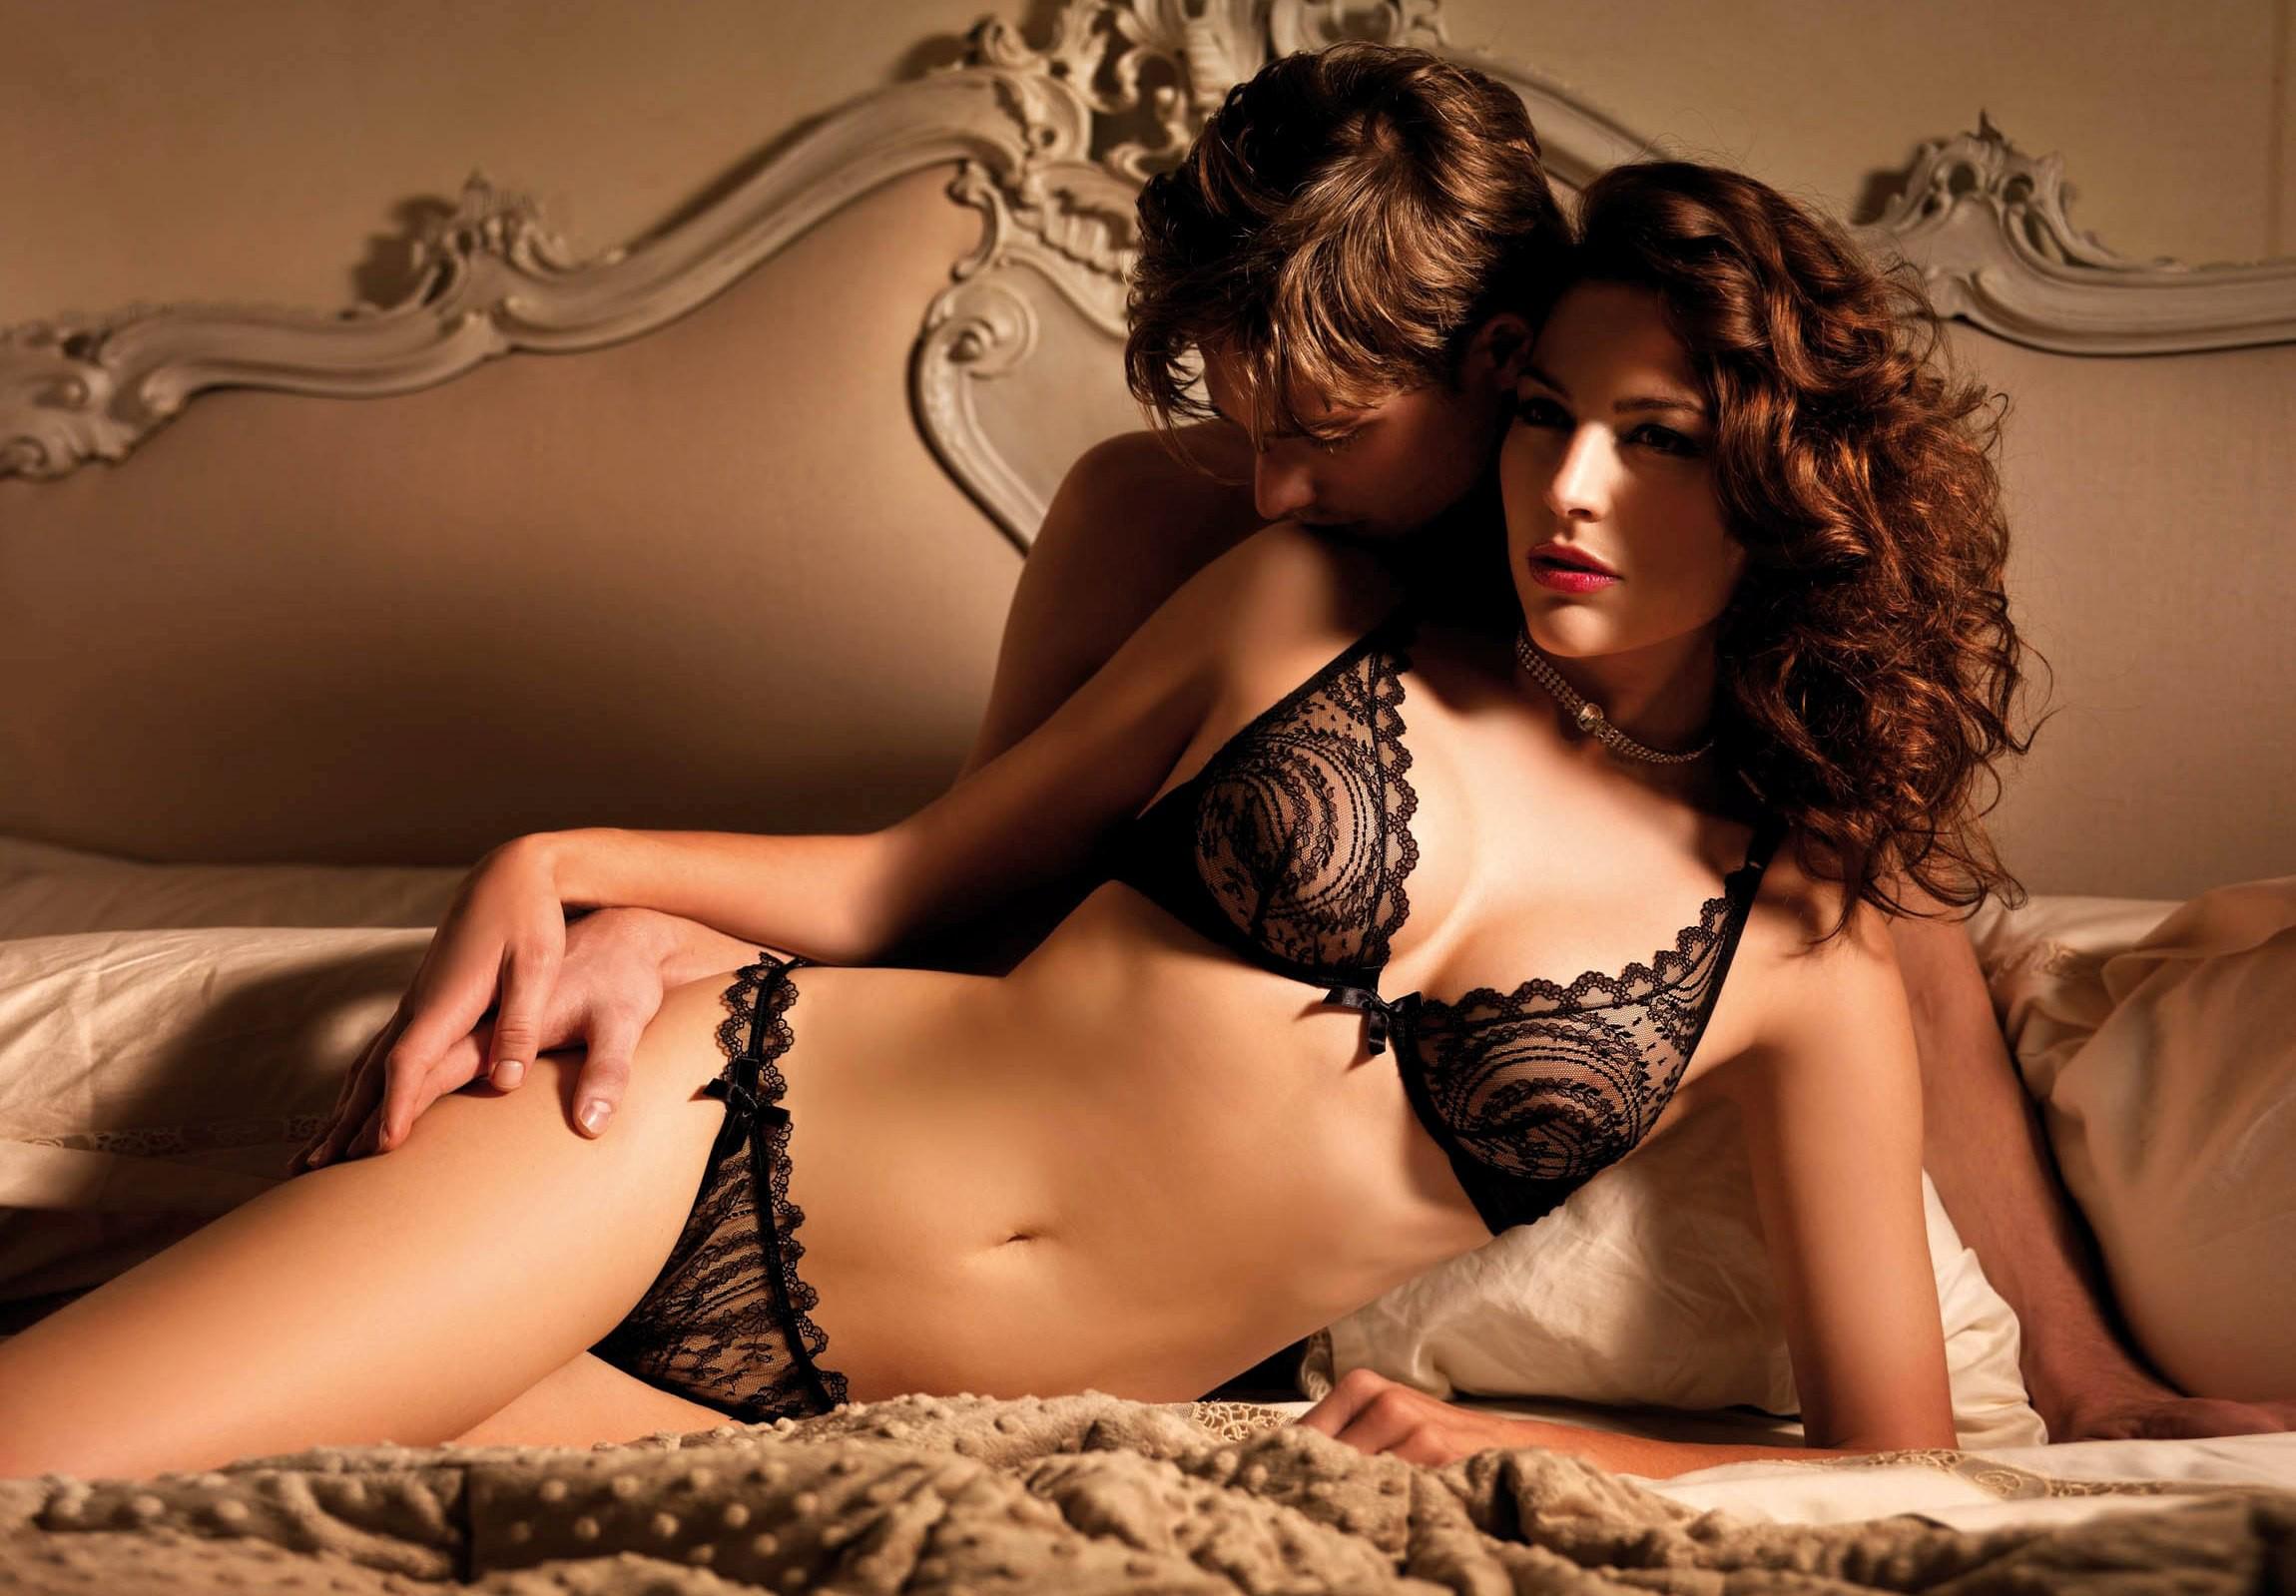 Сексуальное белье возбуждающее фото 18 фотография